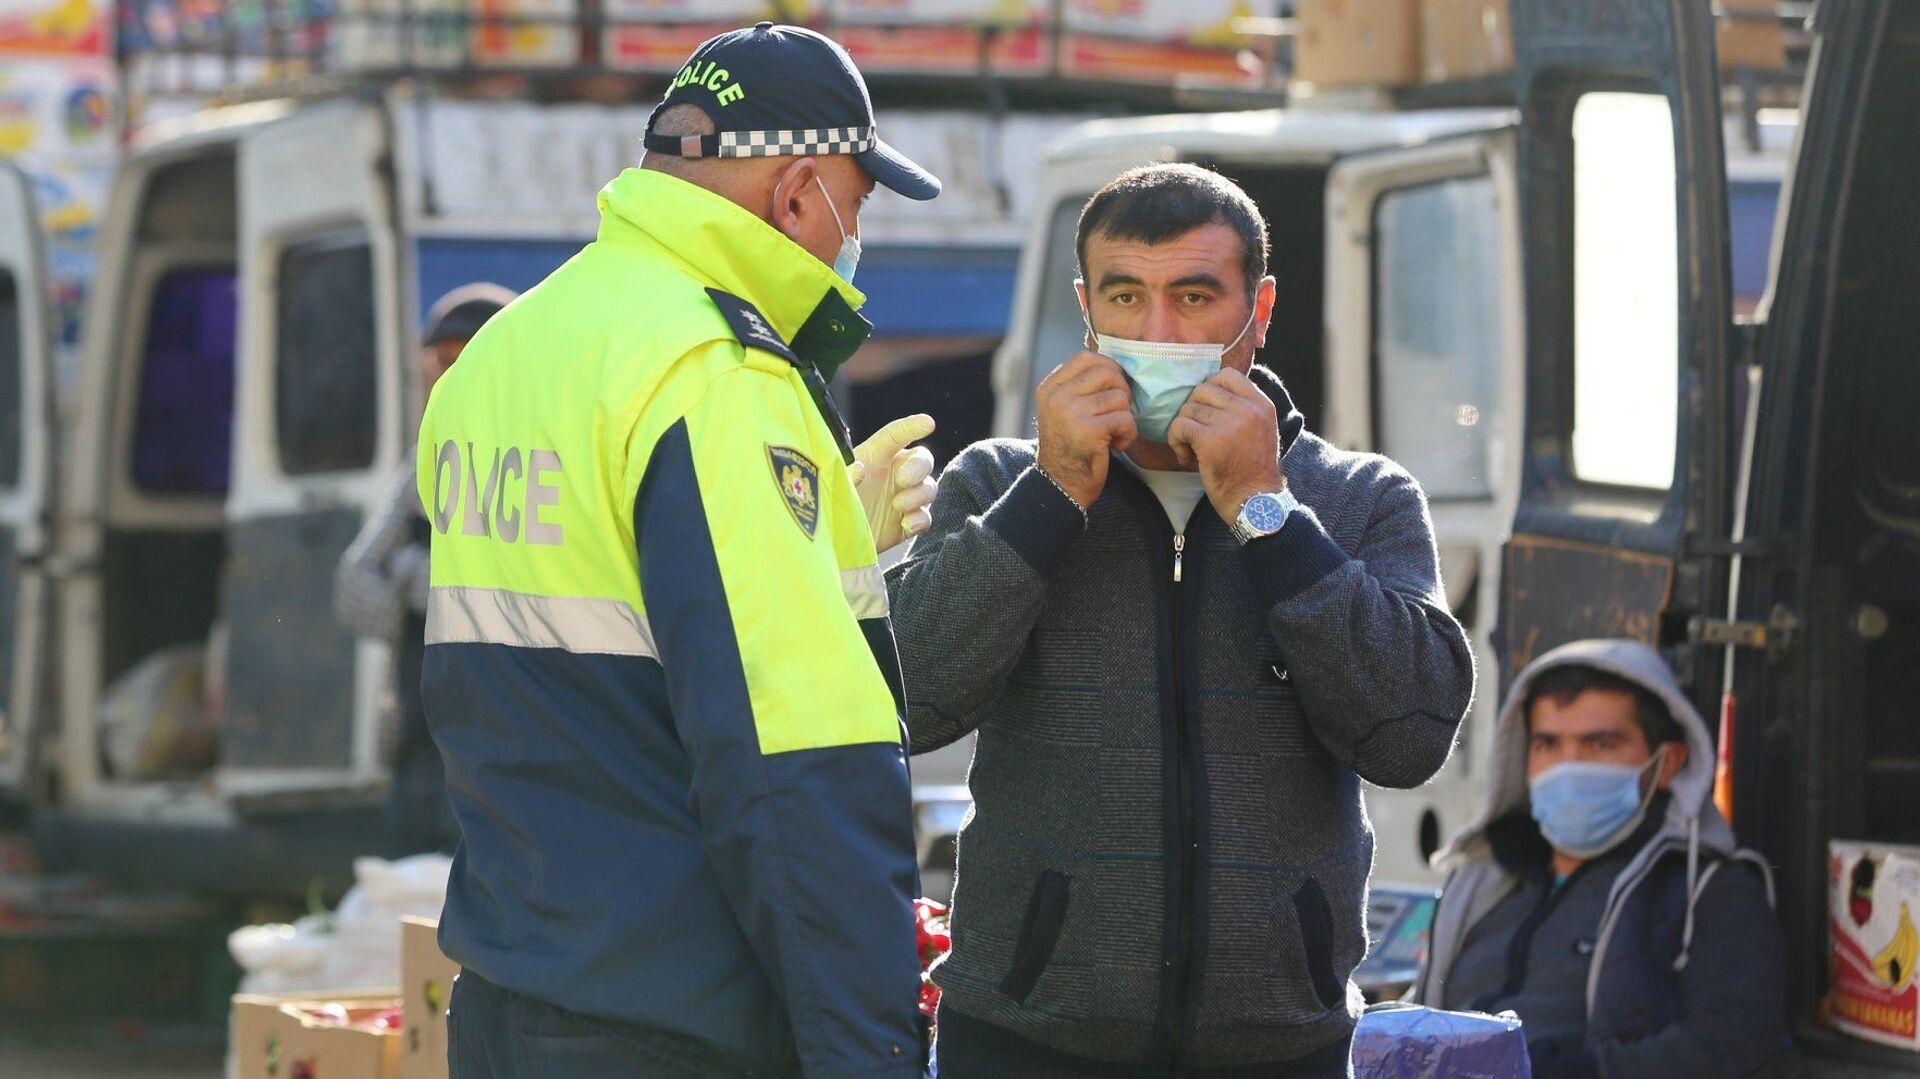 Эпидемия коронавируса. Полиция следит за ношением масок и соблюдением ограничений в Грузии - Sputnik Грузия, 1920, 09.04.2021